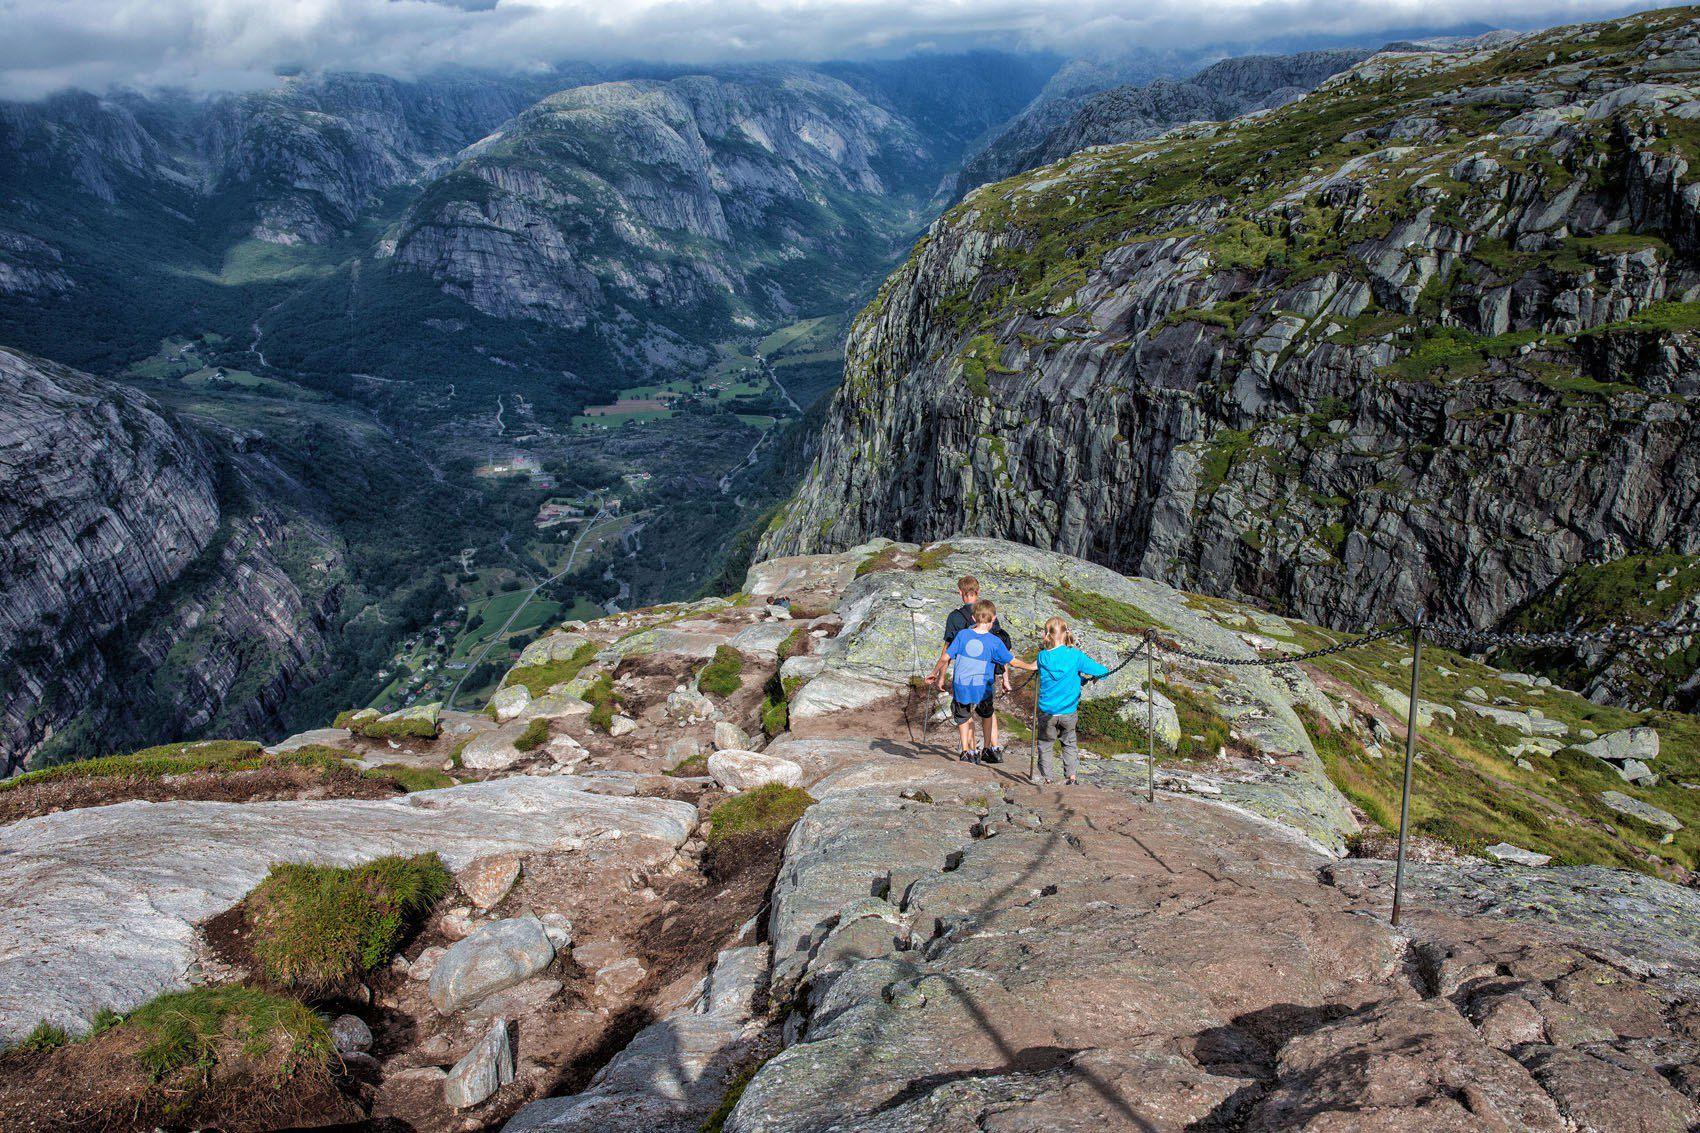 Hiking Kjeragbolten